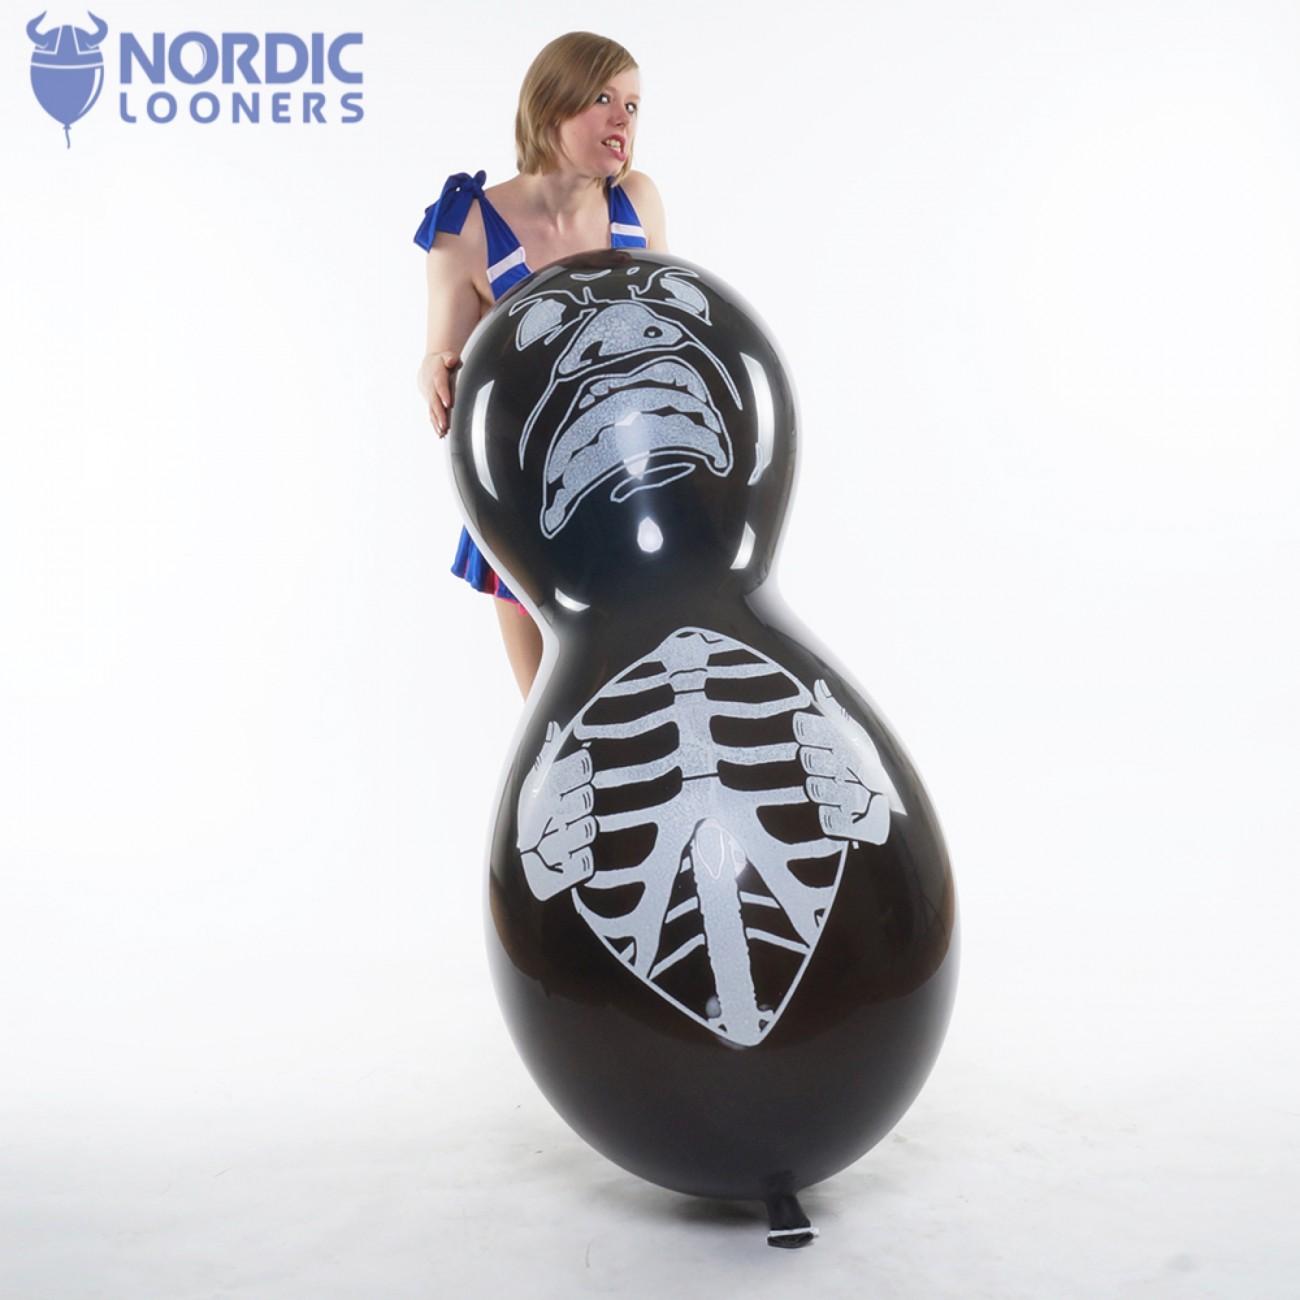 """Cattex 67\\"""" Skeleton Monster GPF/7DS.H4781B 31,32 DKK Nordic Looners"""